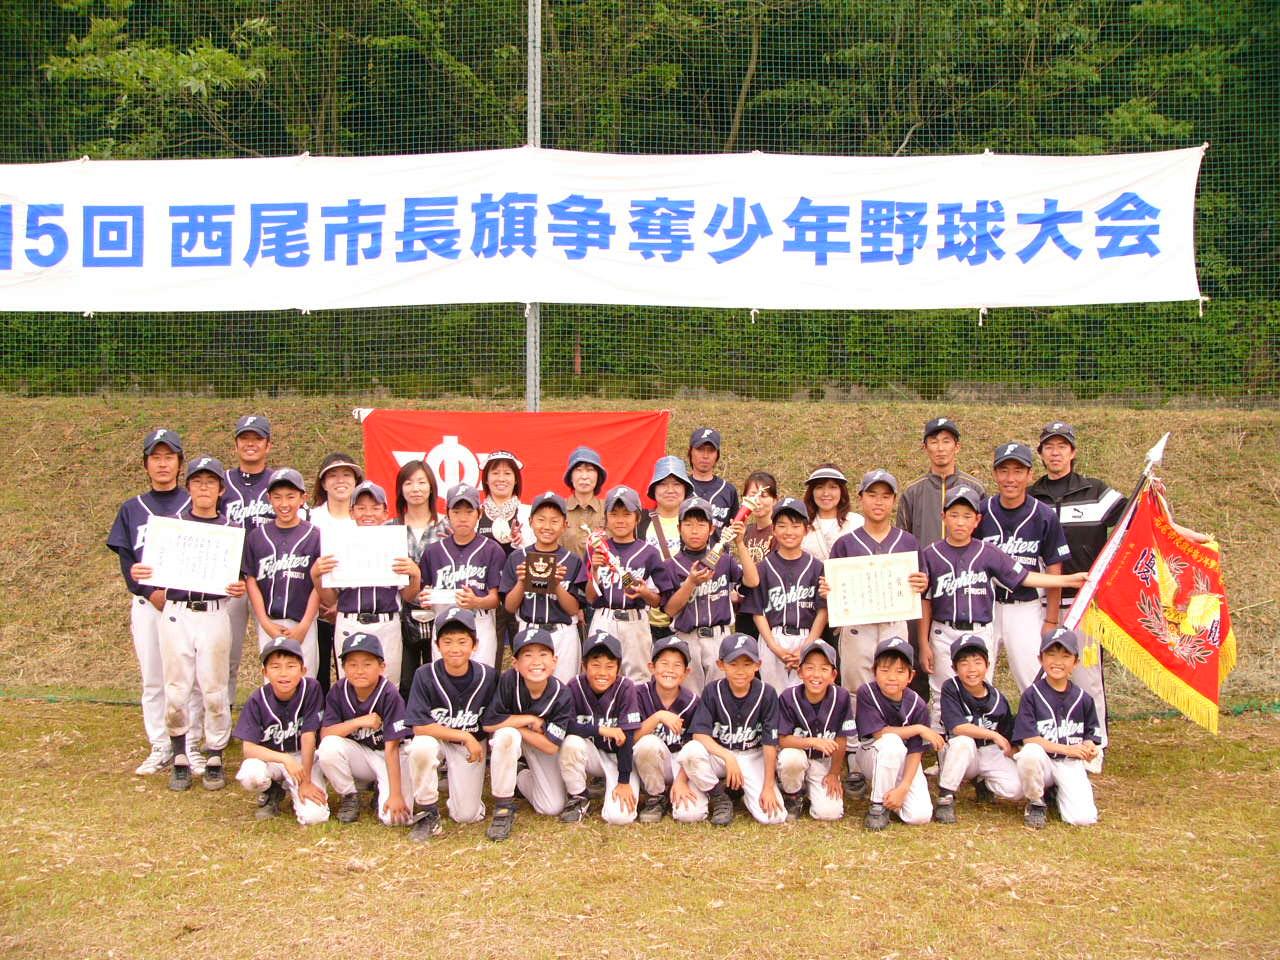 西尾市長旗杯最終日 (366)